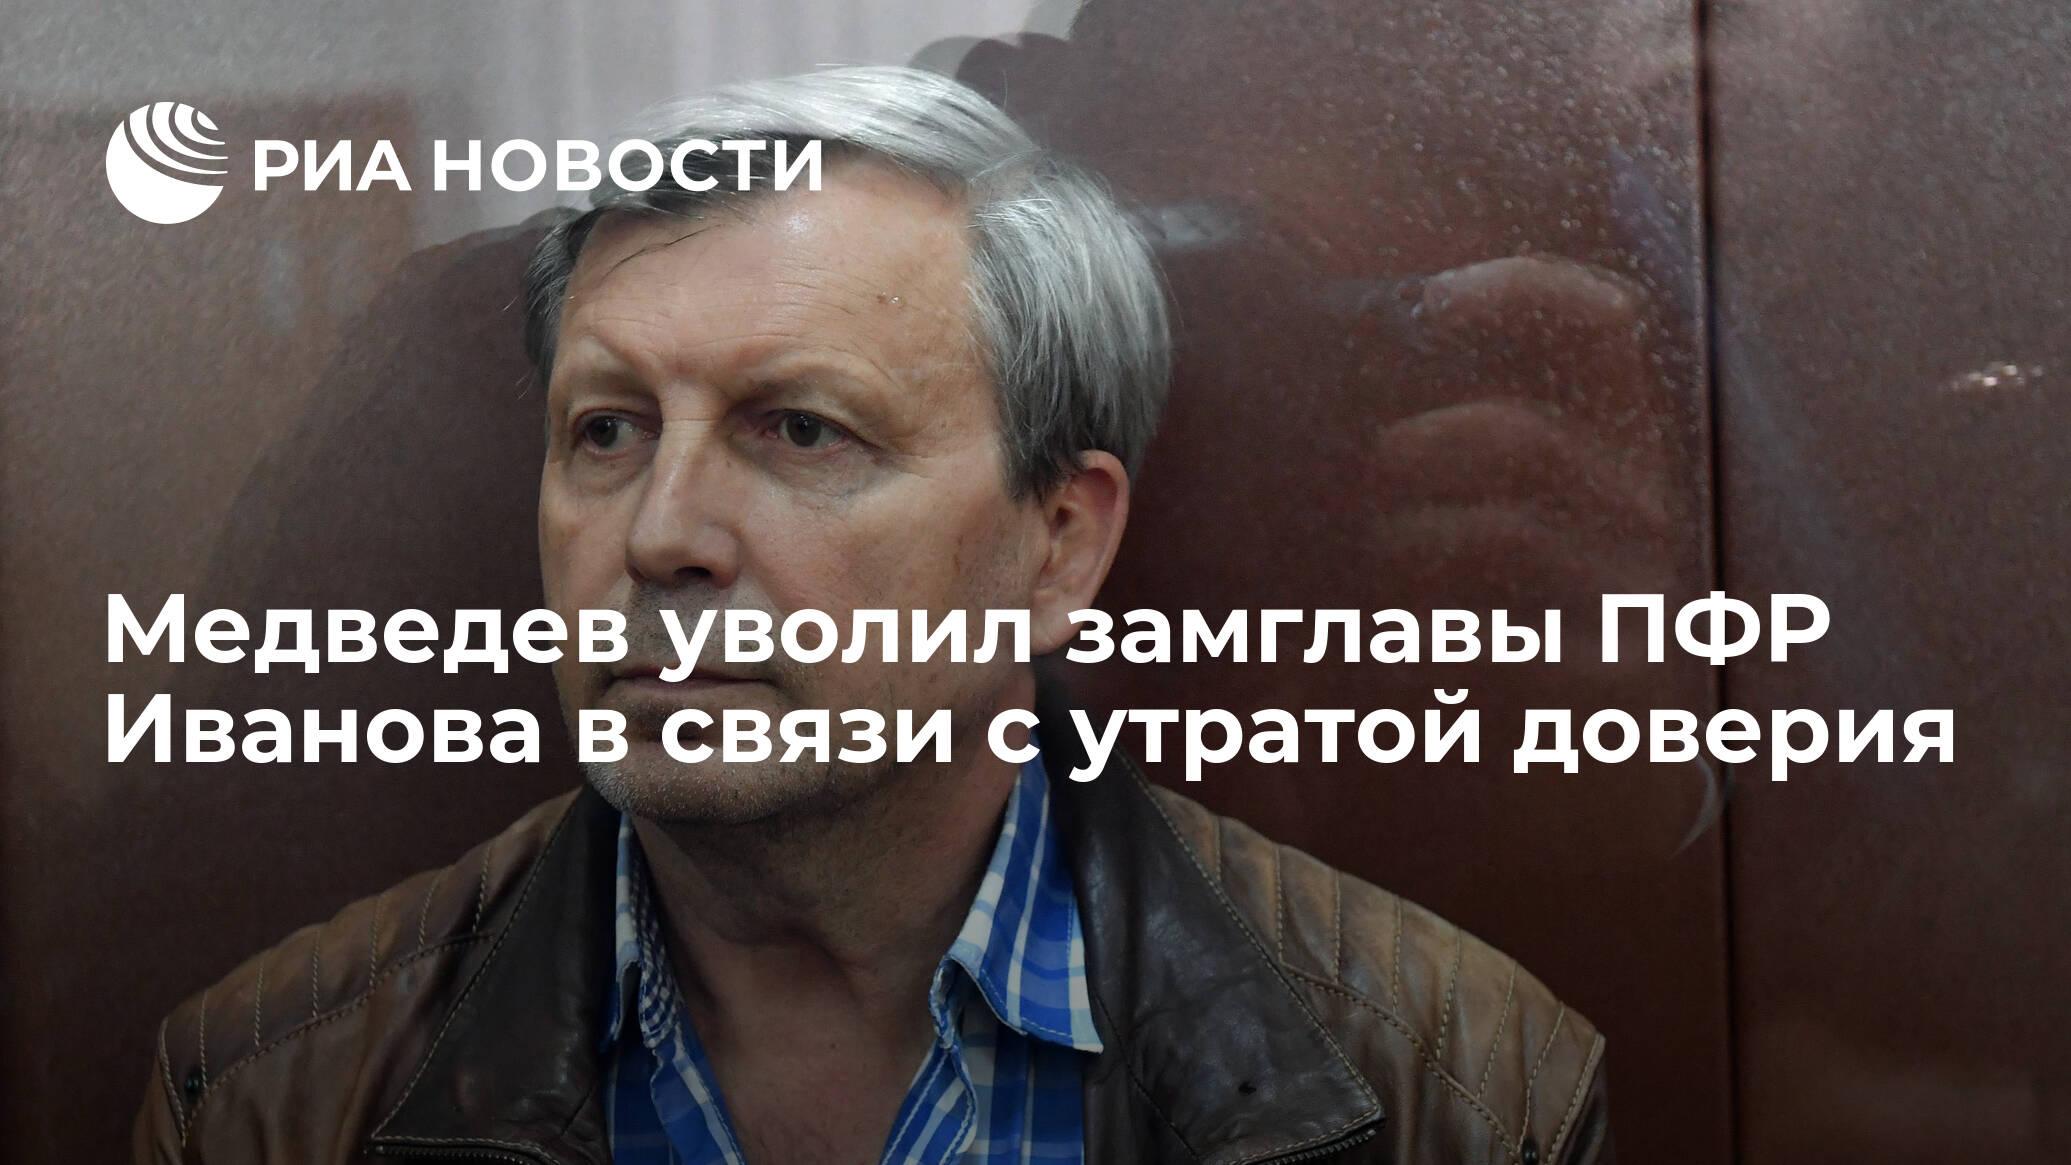 Медведев уволил замглавы ПФР Иванова в связи с утратой доверия